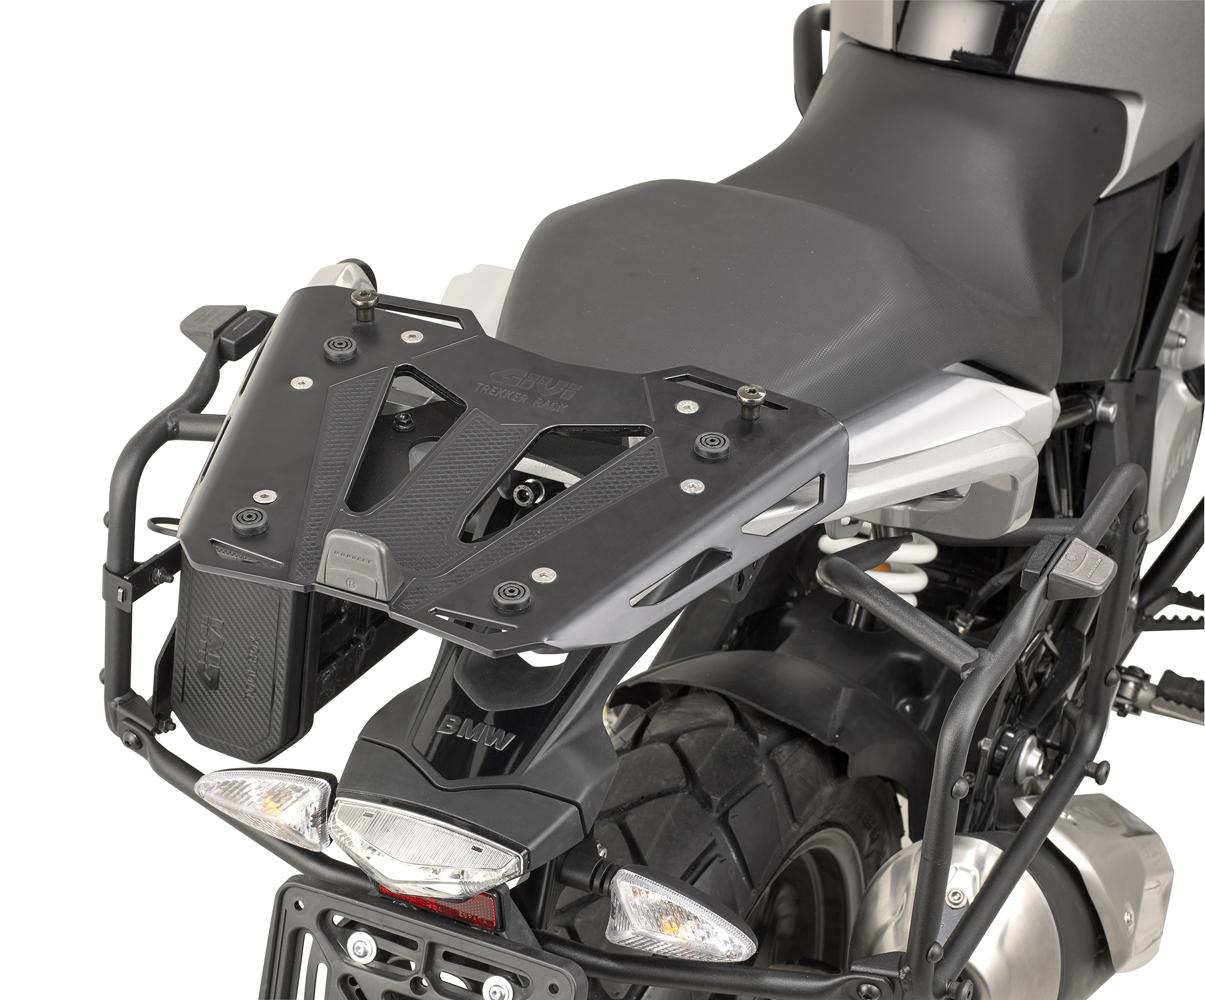 ... Givi S250 Tool Box 91996f5983f